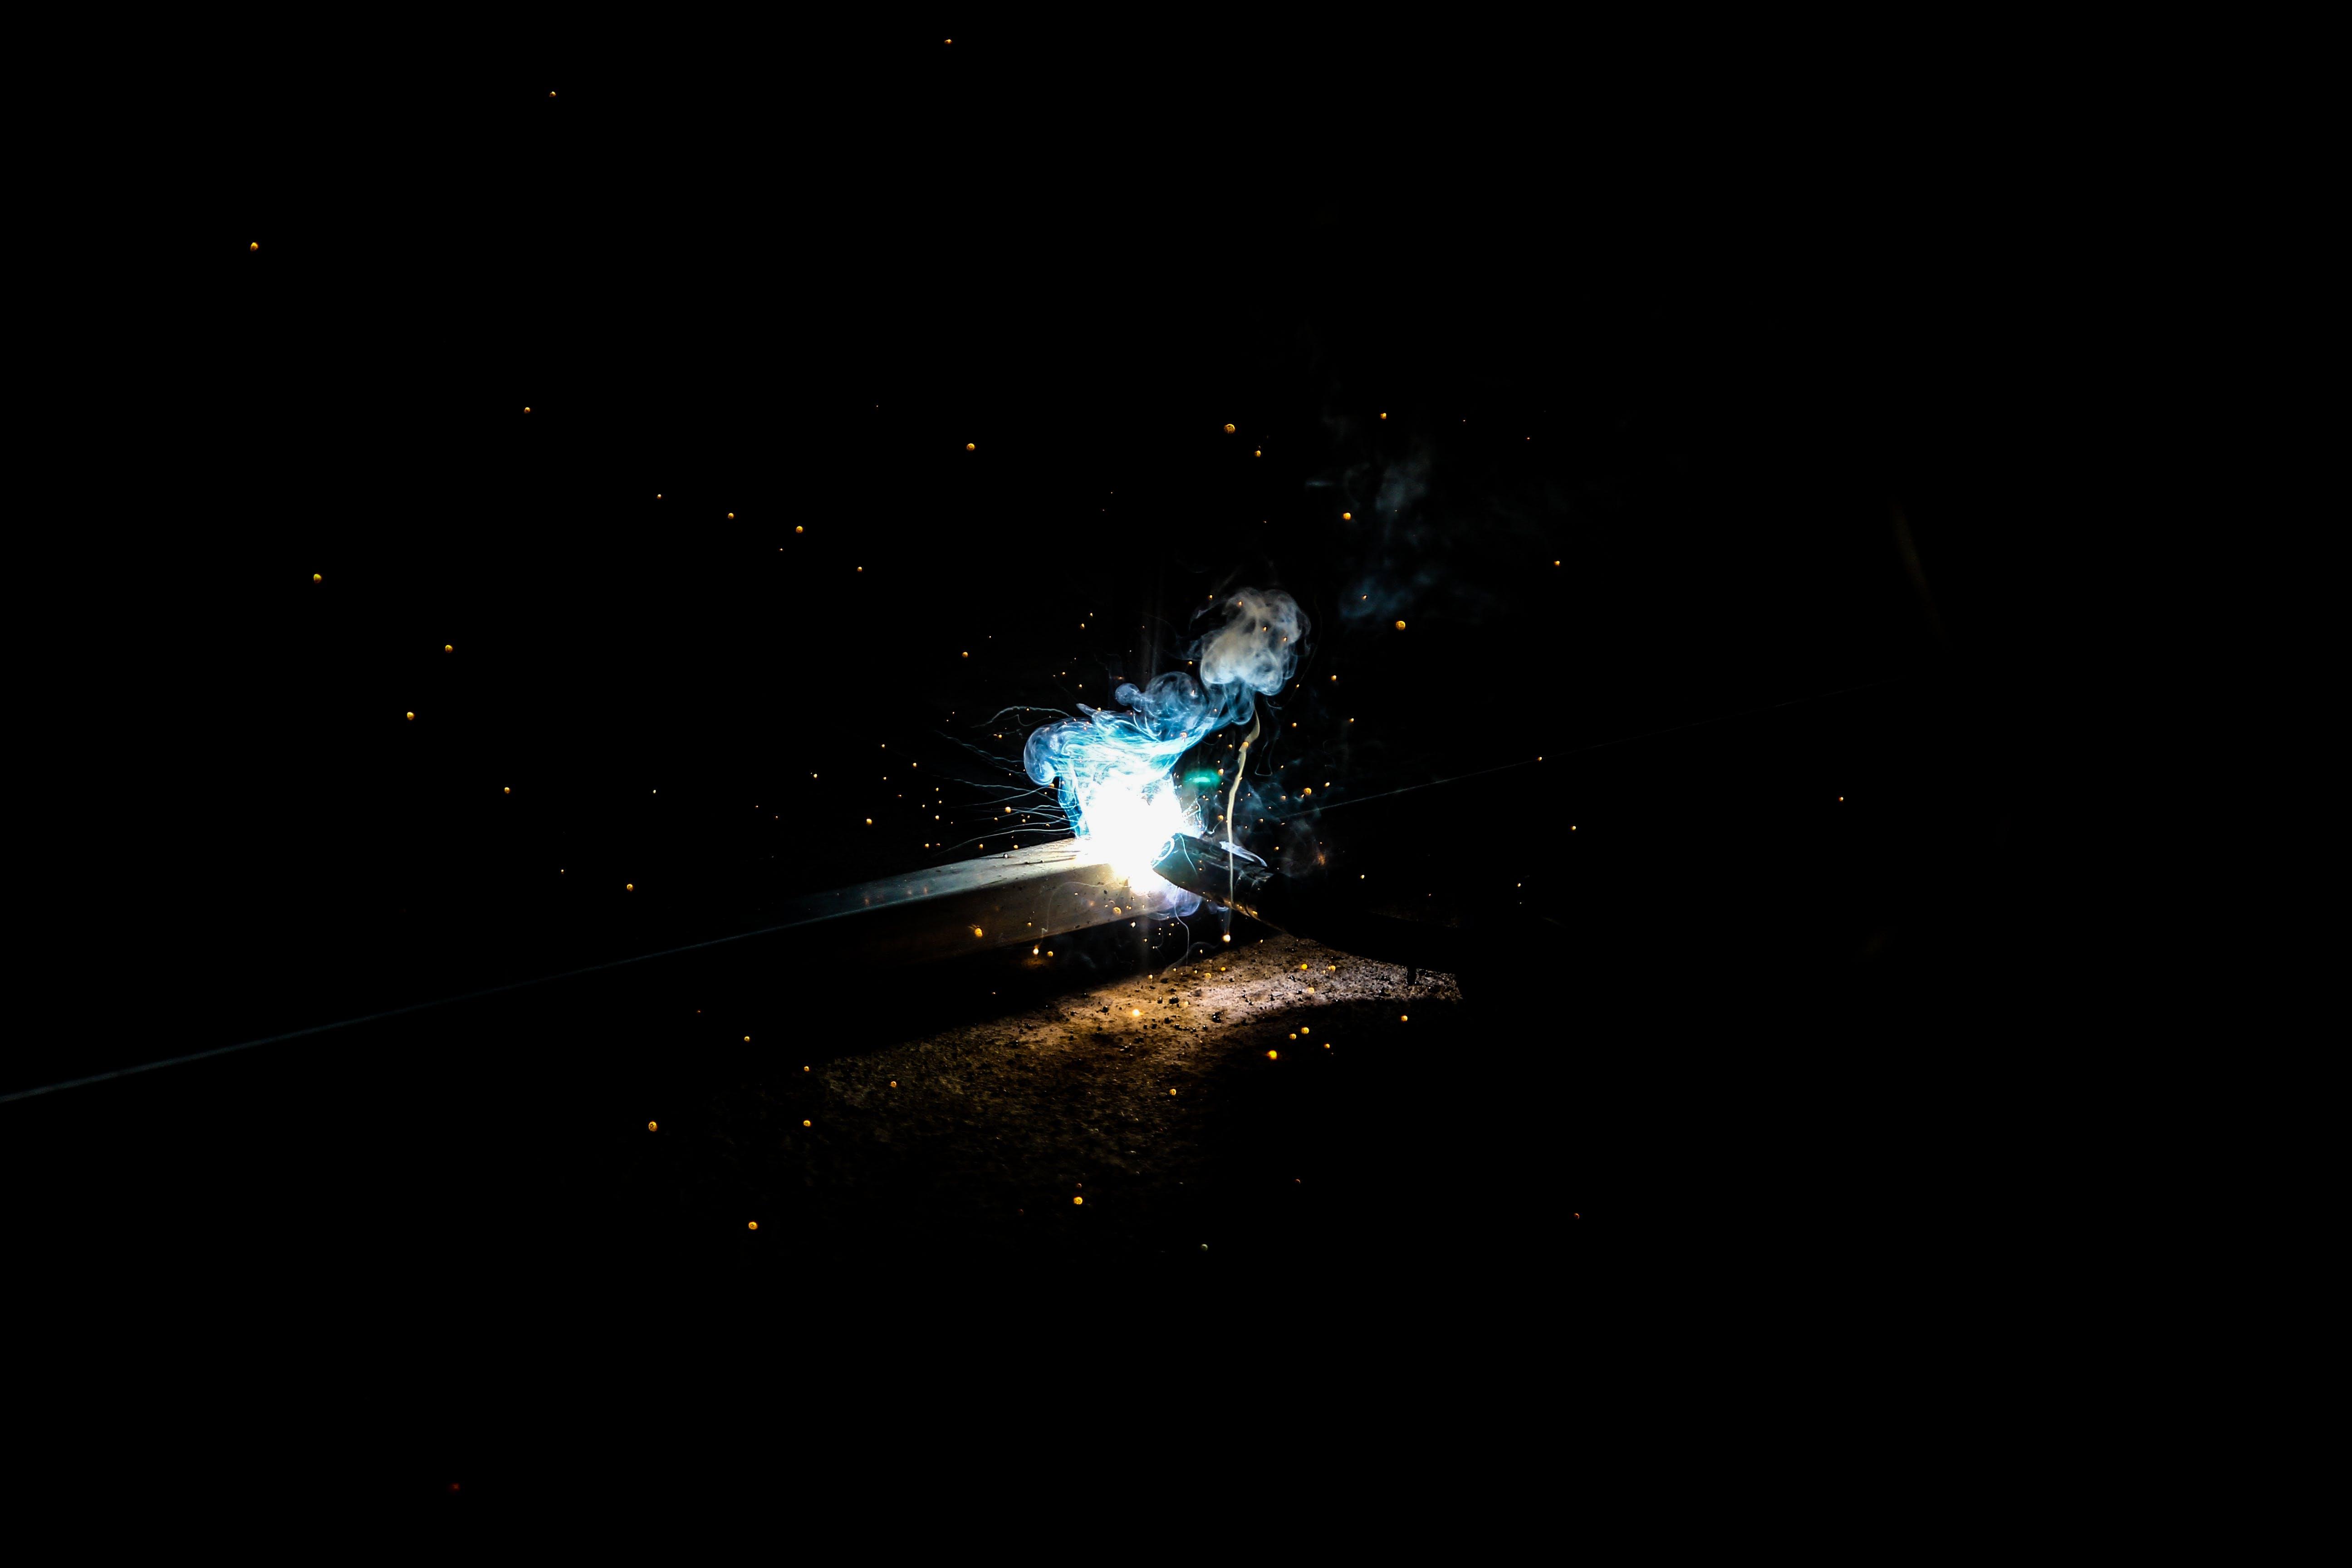 Blue Light Illustration